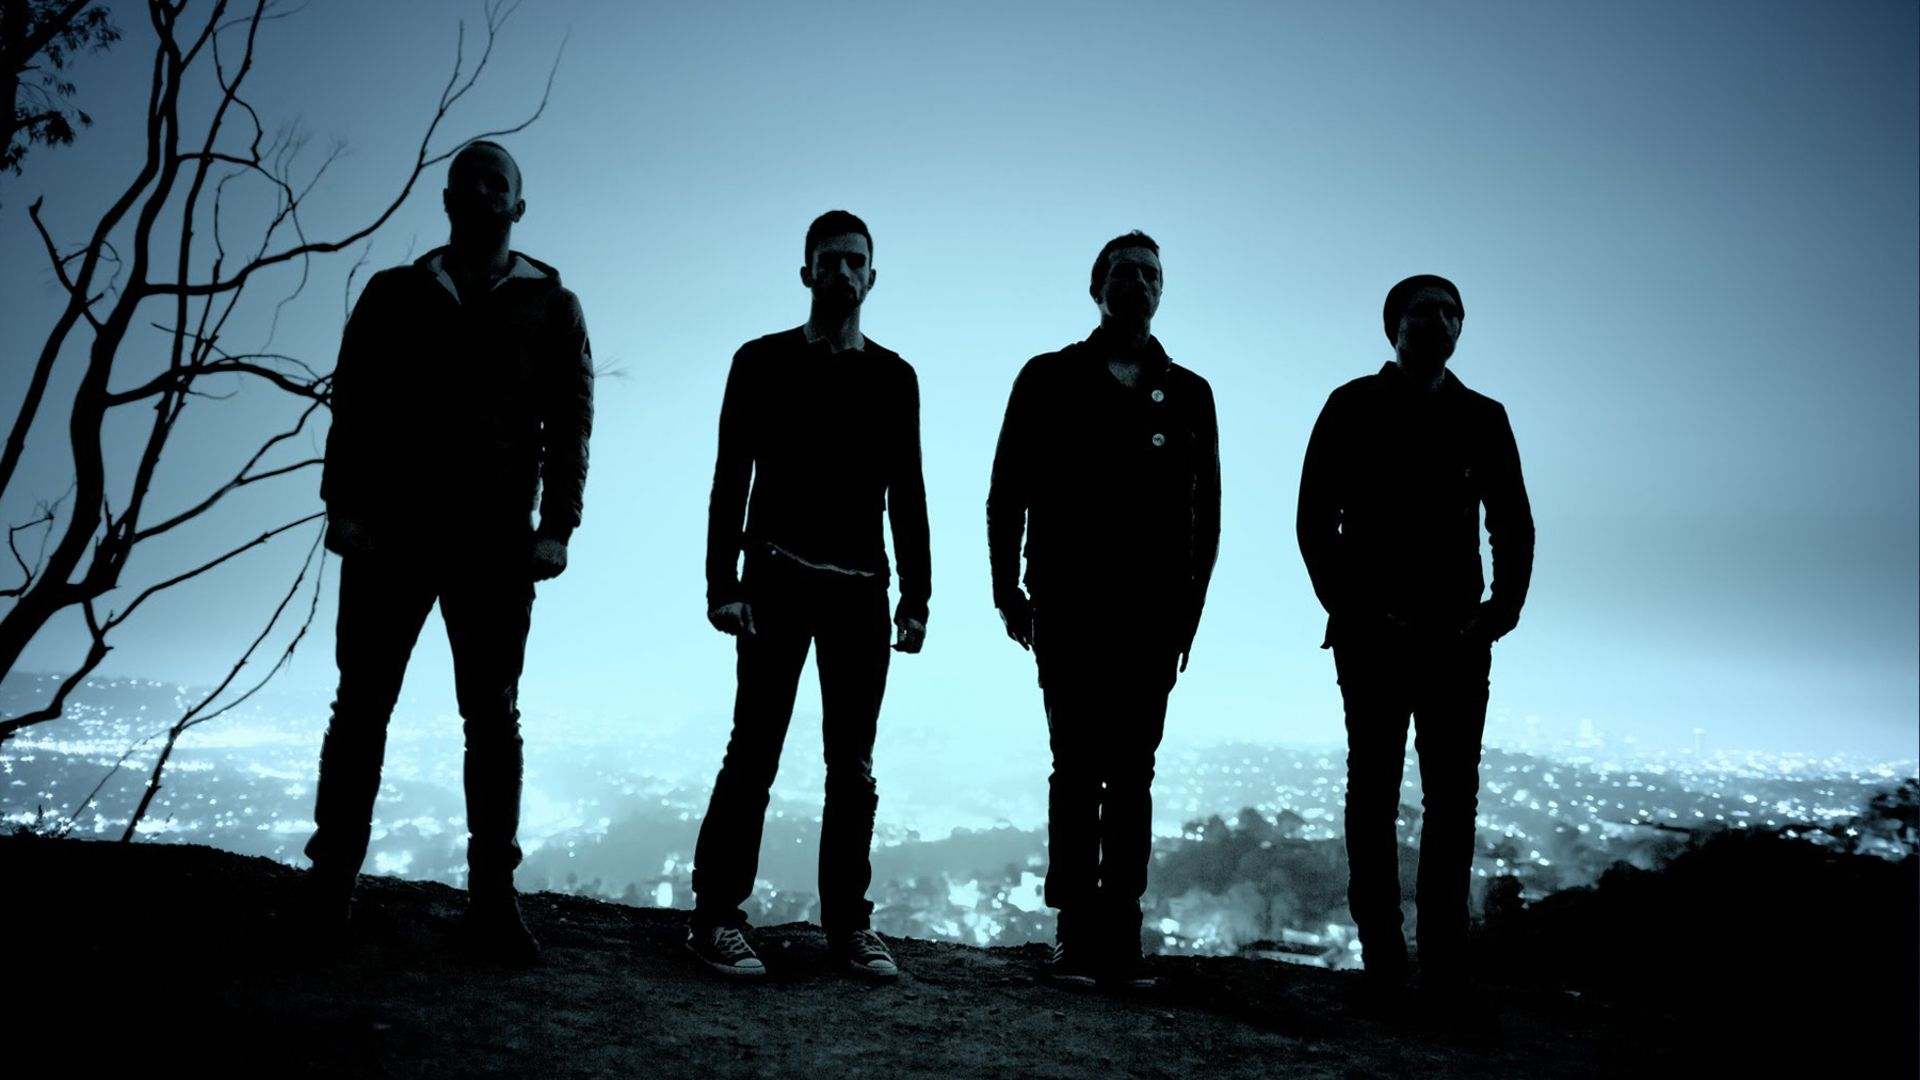 Ghost Stories Nuevo álbum De Coldplay Coldplay Coldplay álbumes Bandas De Música